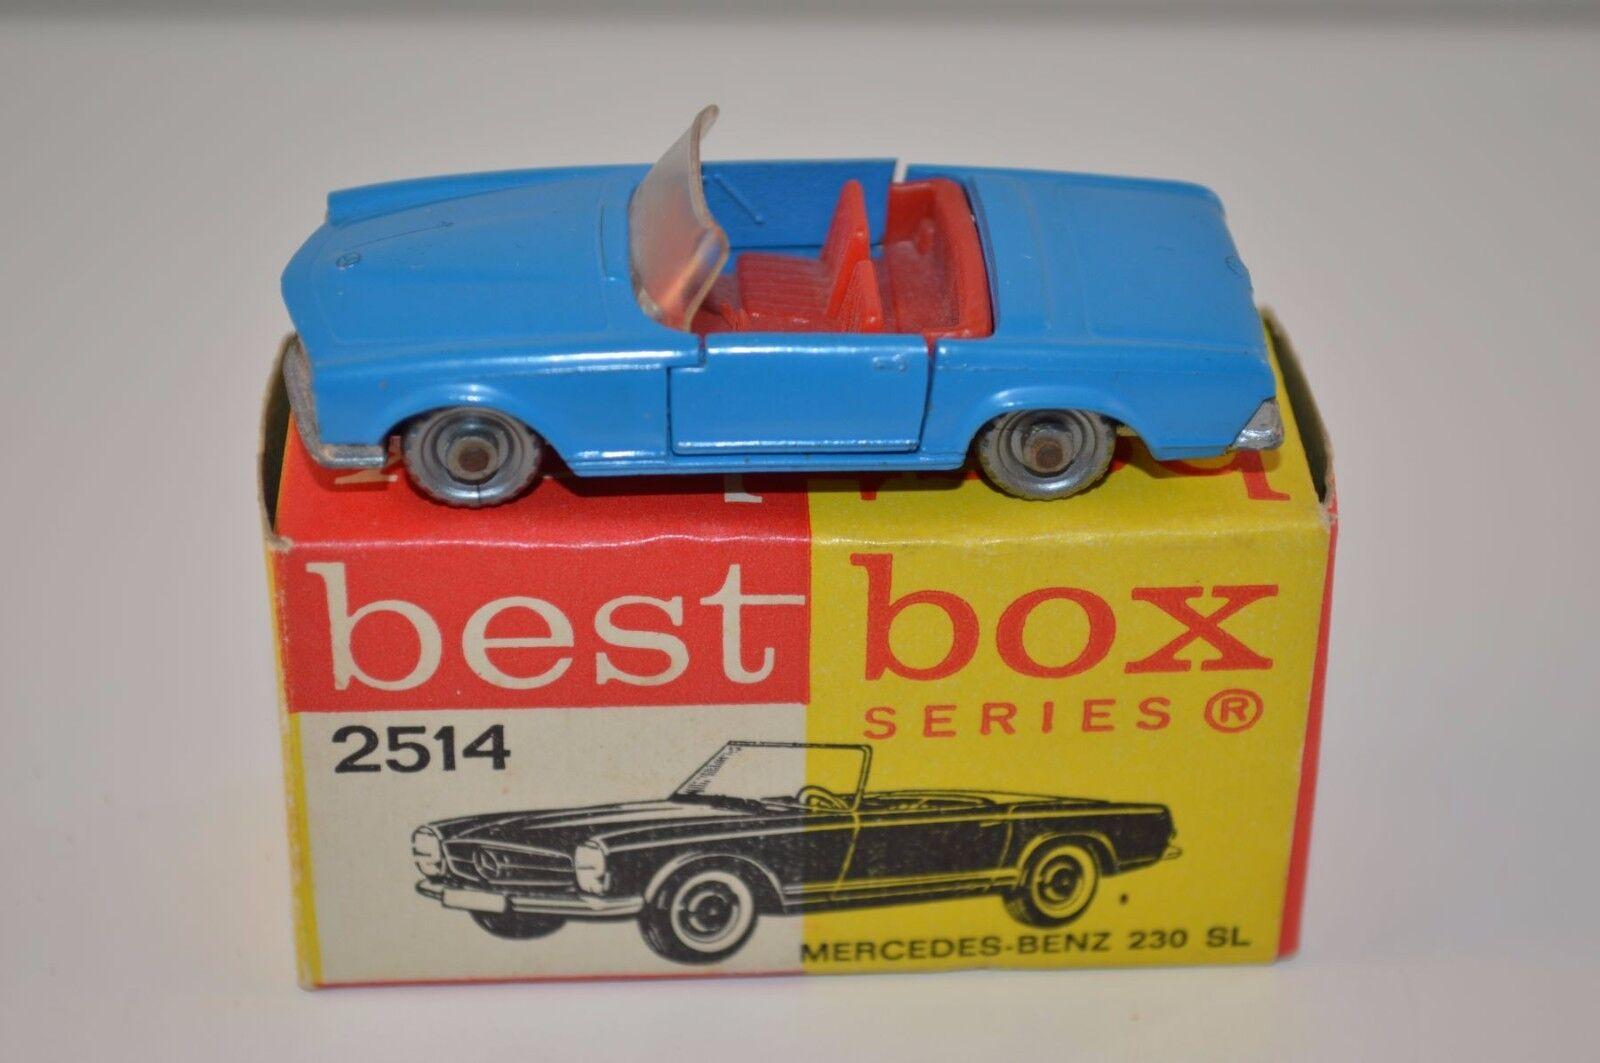 Offriamo vari marchi famosi Bestscatola Best scatola 2514 Mercedes Benz 230 230 230 blu near mint in scatola very sautoce colour  acquista la qualità autentica al 100%